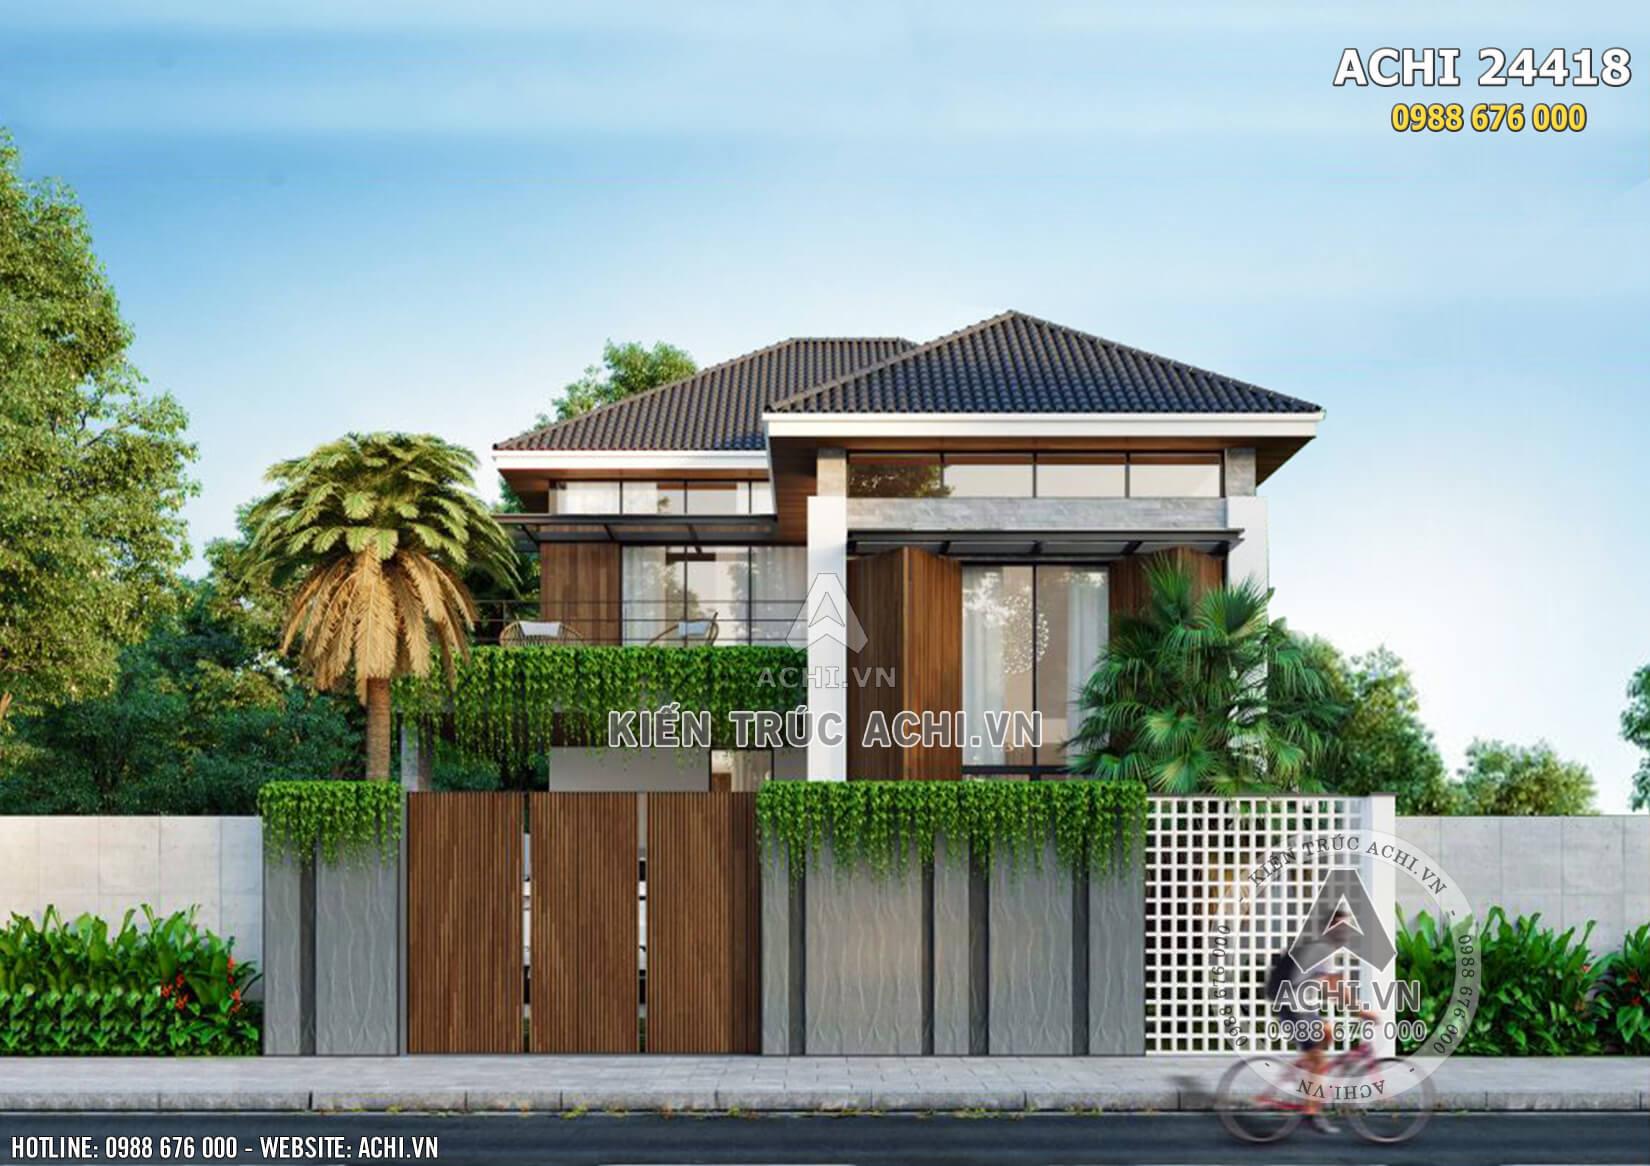 Không gian mặt tiền của mẫu nhà 2 tầng mái Thái hiện đại mặt tiền 10m2 - Mã số: ACHI 24418